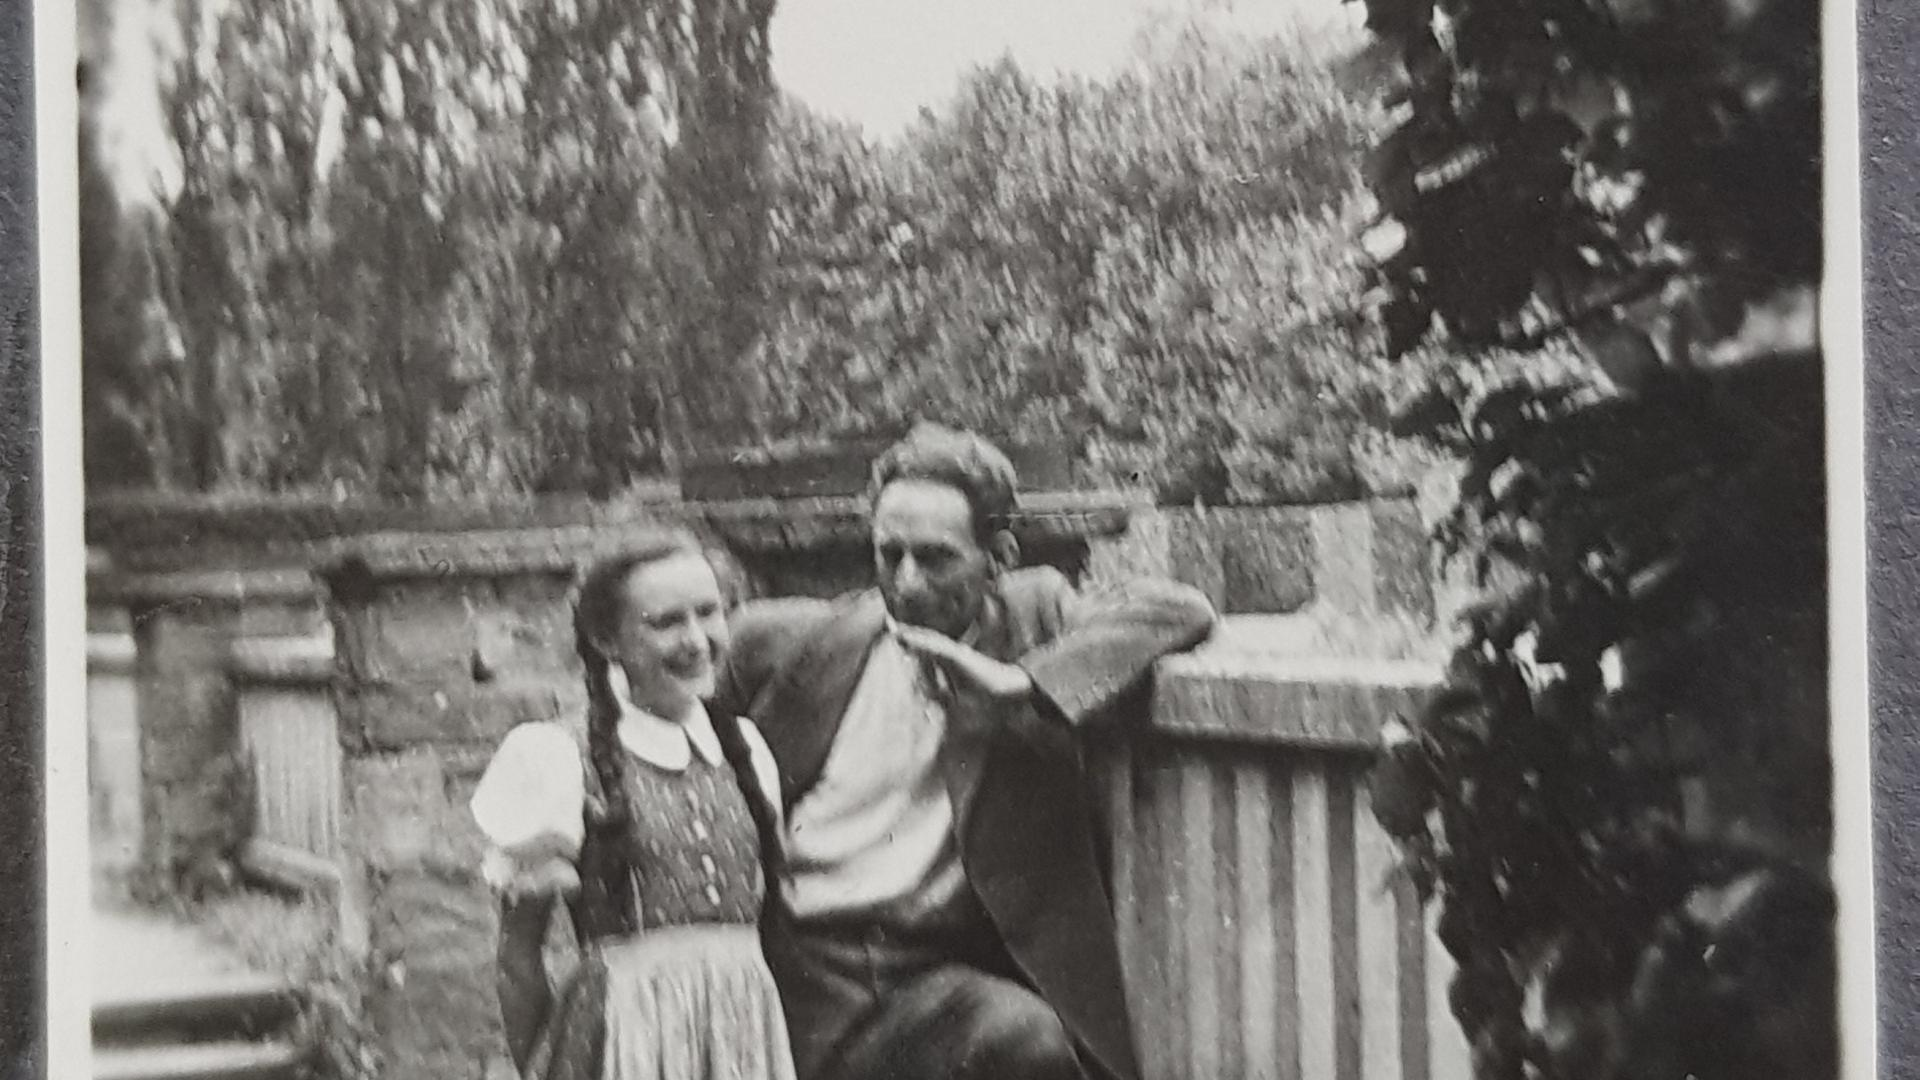 Sieglinde Vater aus Karlsruhe mit ihren Vater Max